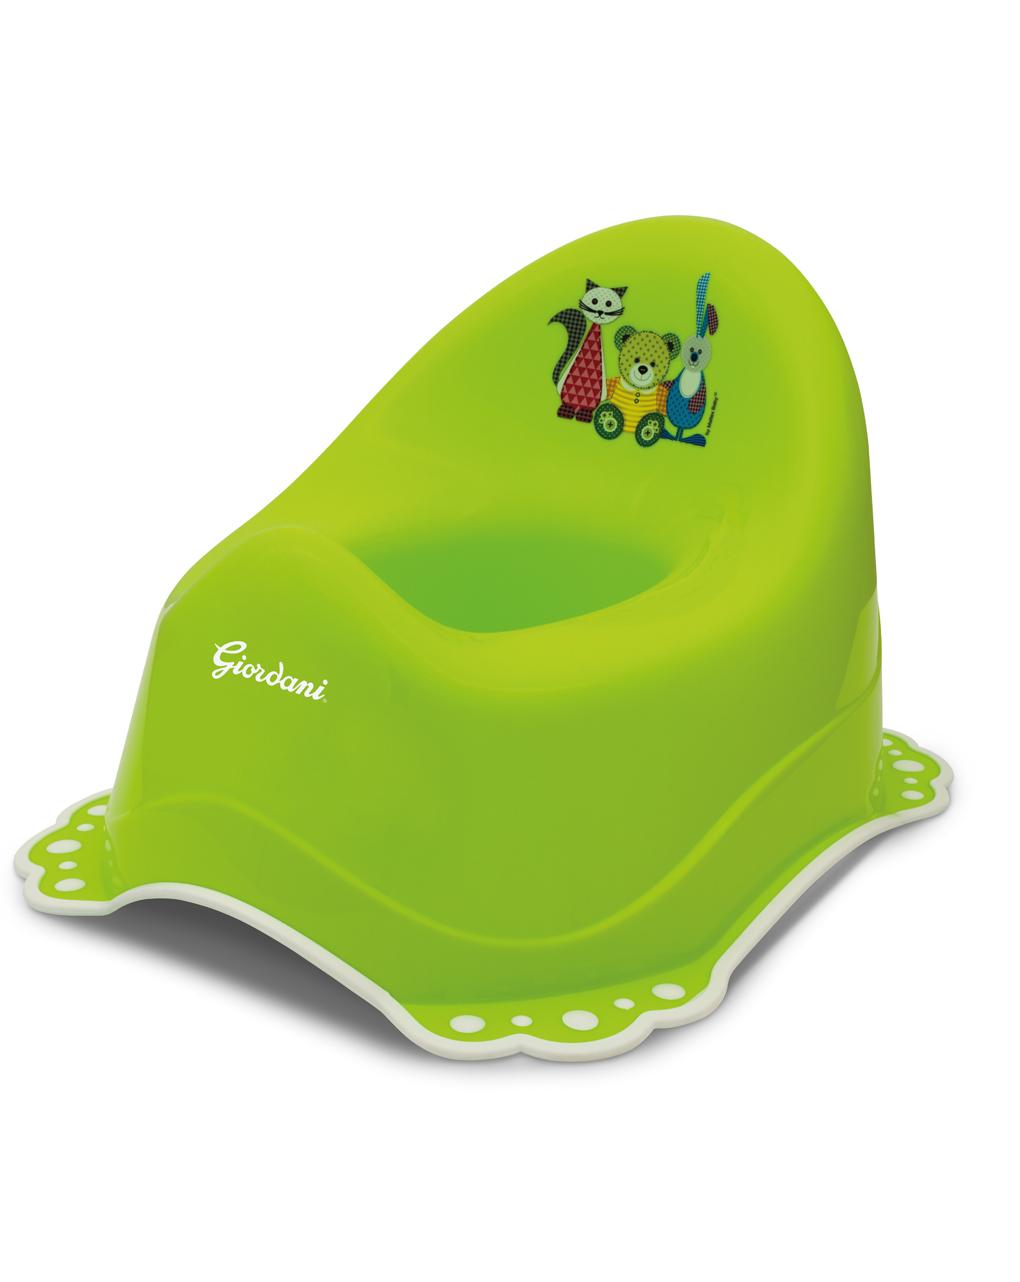 Vasino bagno con antiscivolo verde - Giordani